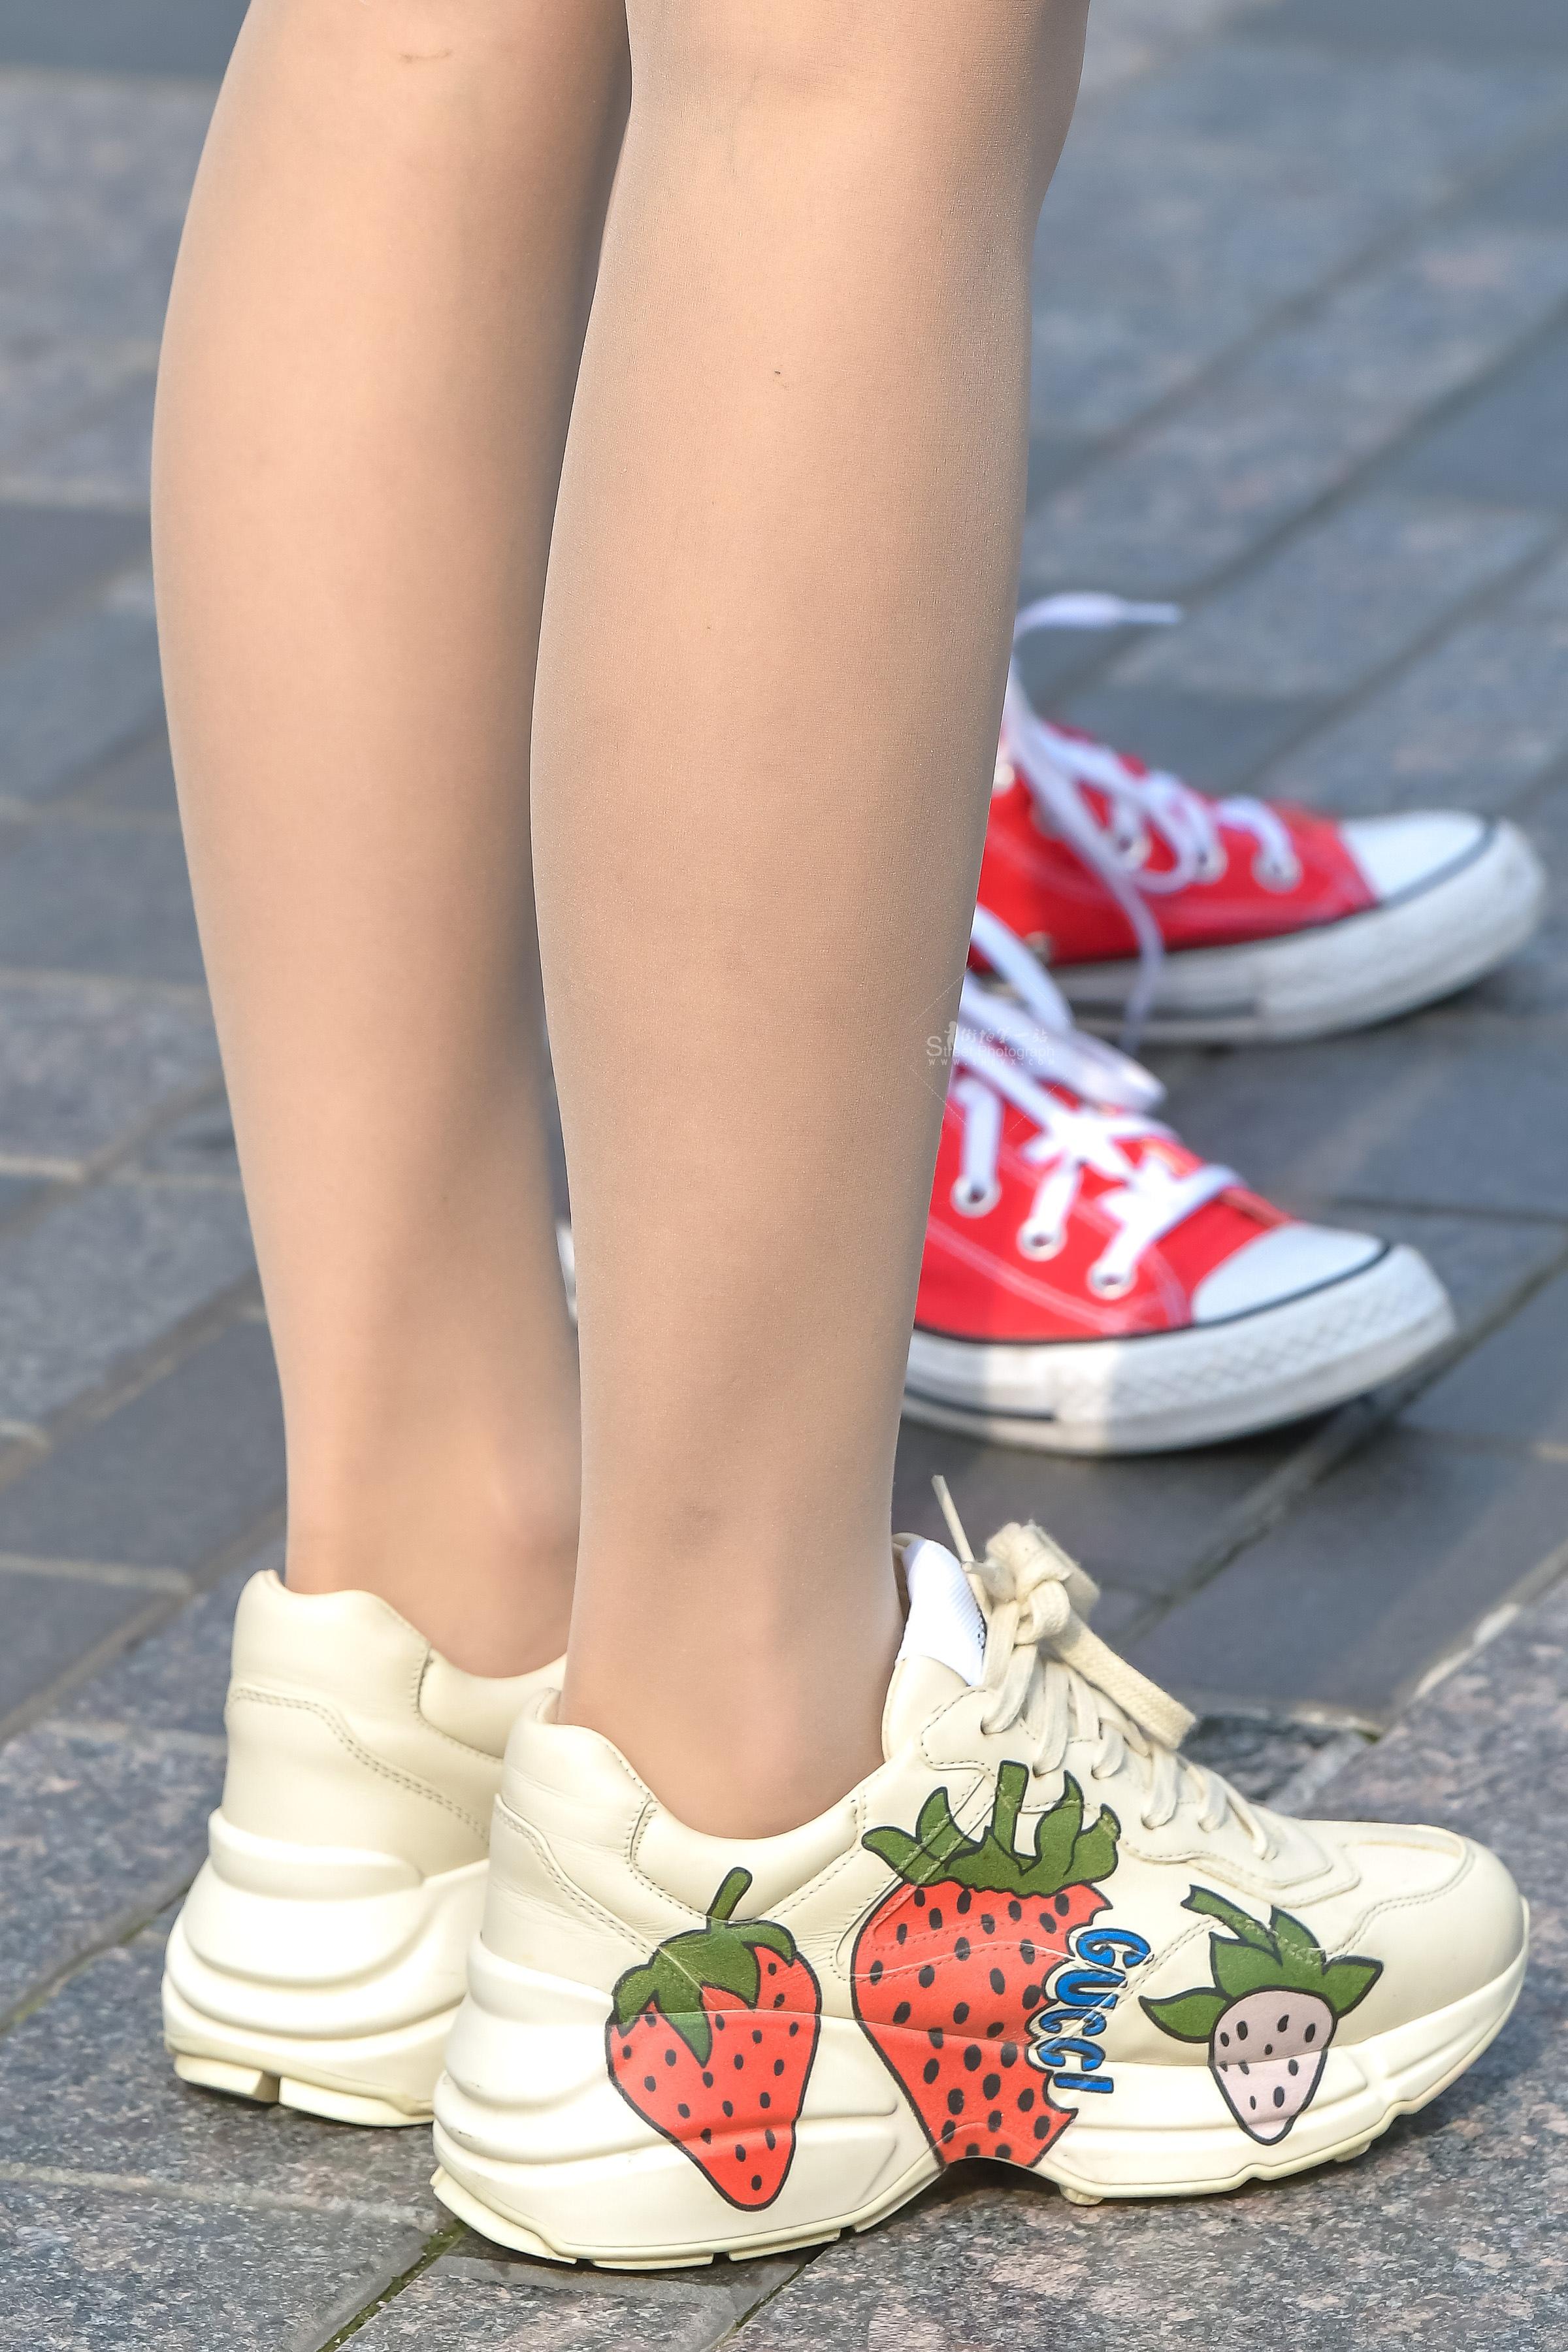 街拍丝袜,街拍超薄,街拍长腿 超薄肉 丝袜大长腿下的可爱纹身贴 最新街拍丝袜图片 街拍丝袜第一站